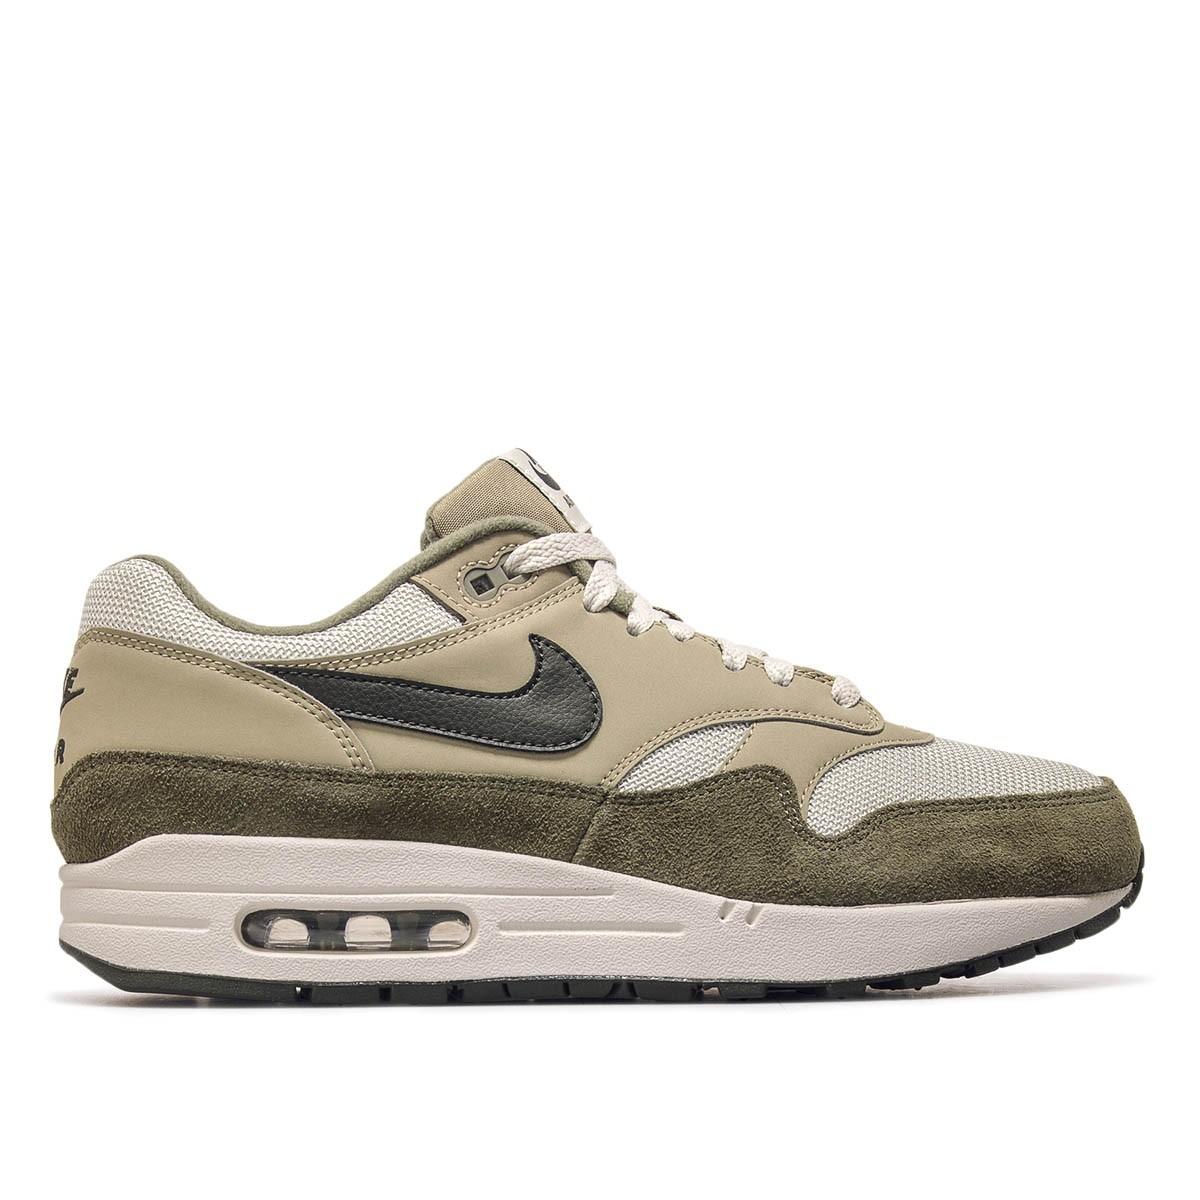 7b50336c06ef14 Herren Sneaker in grün  grau von Nike online kaufen